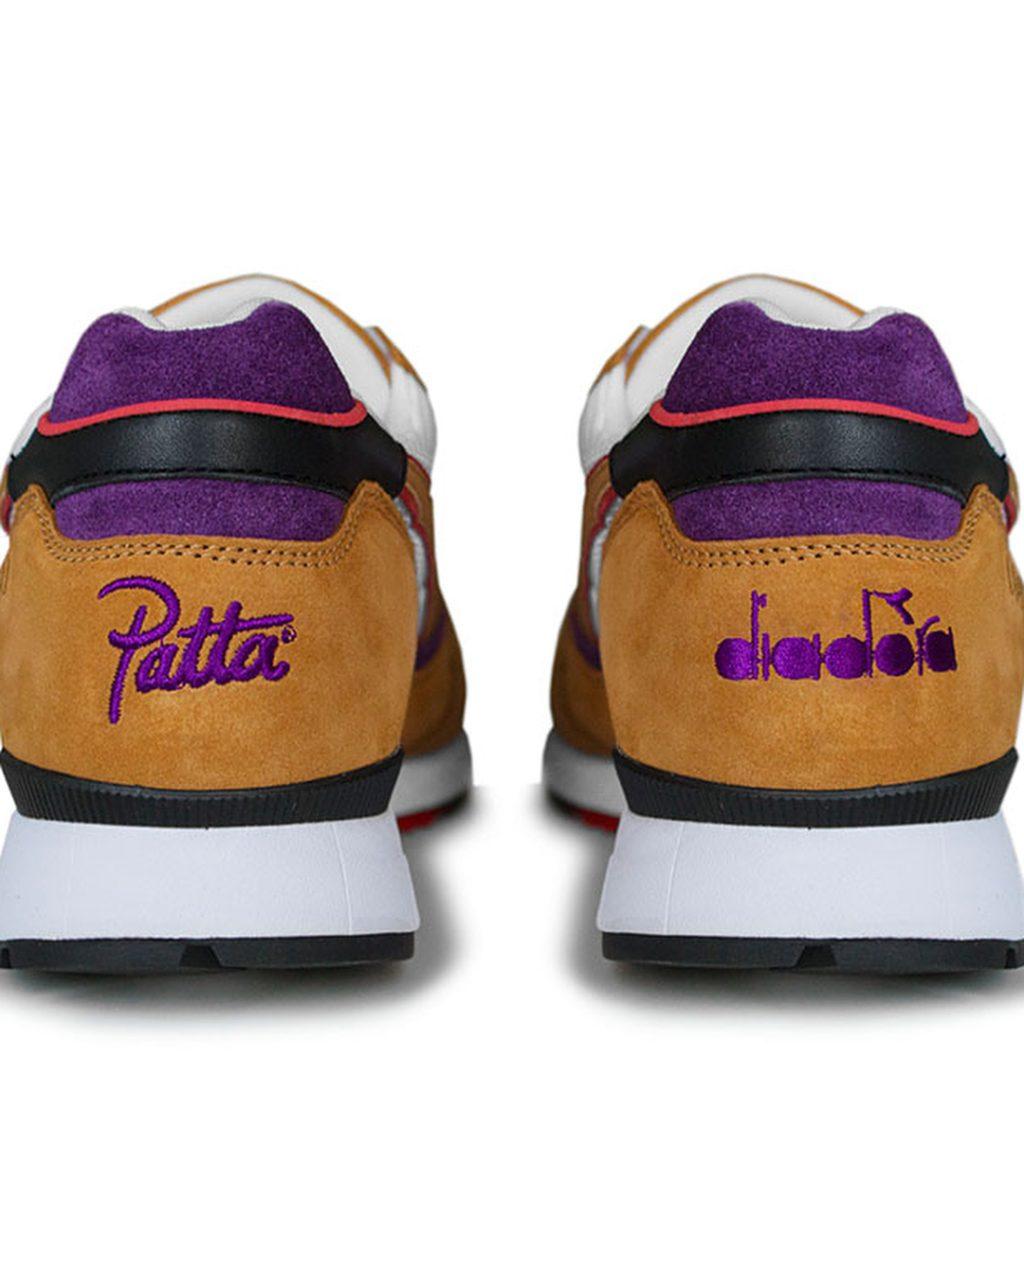 patta-diadora-v7000-honey-mustard-release-20171223